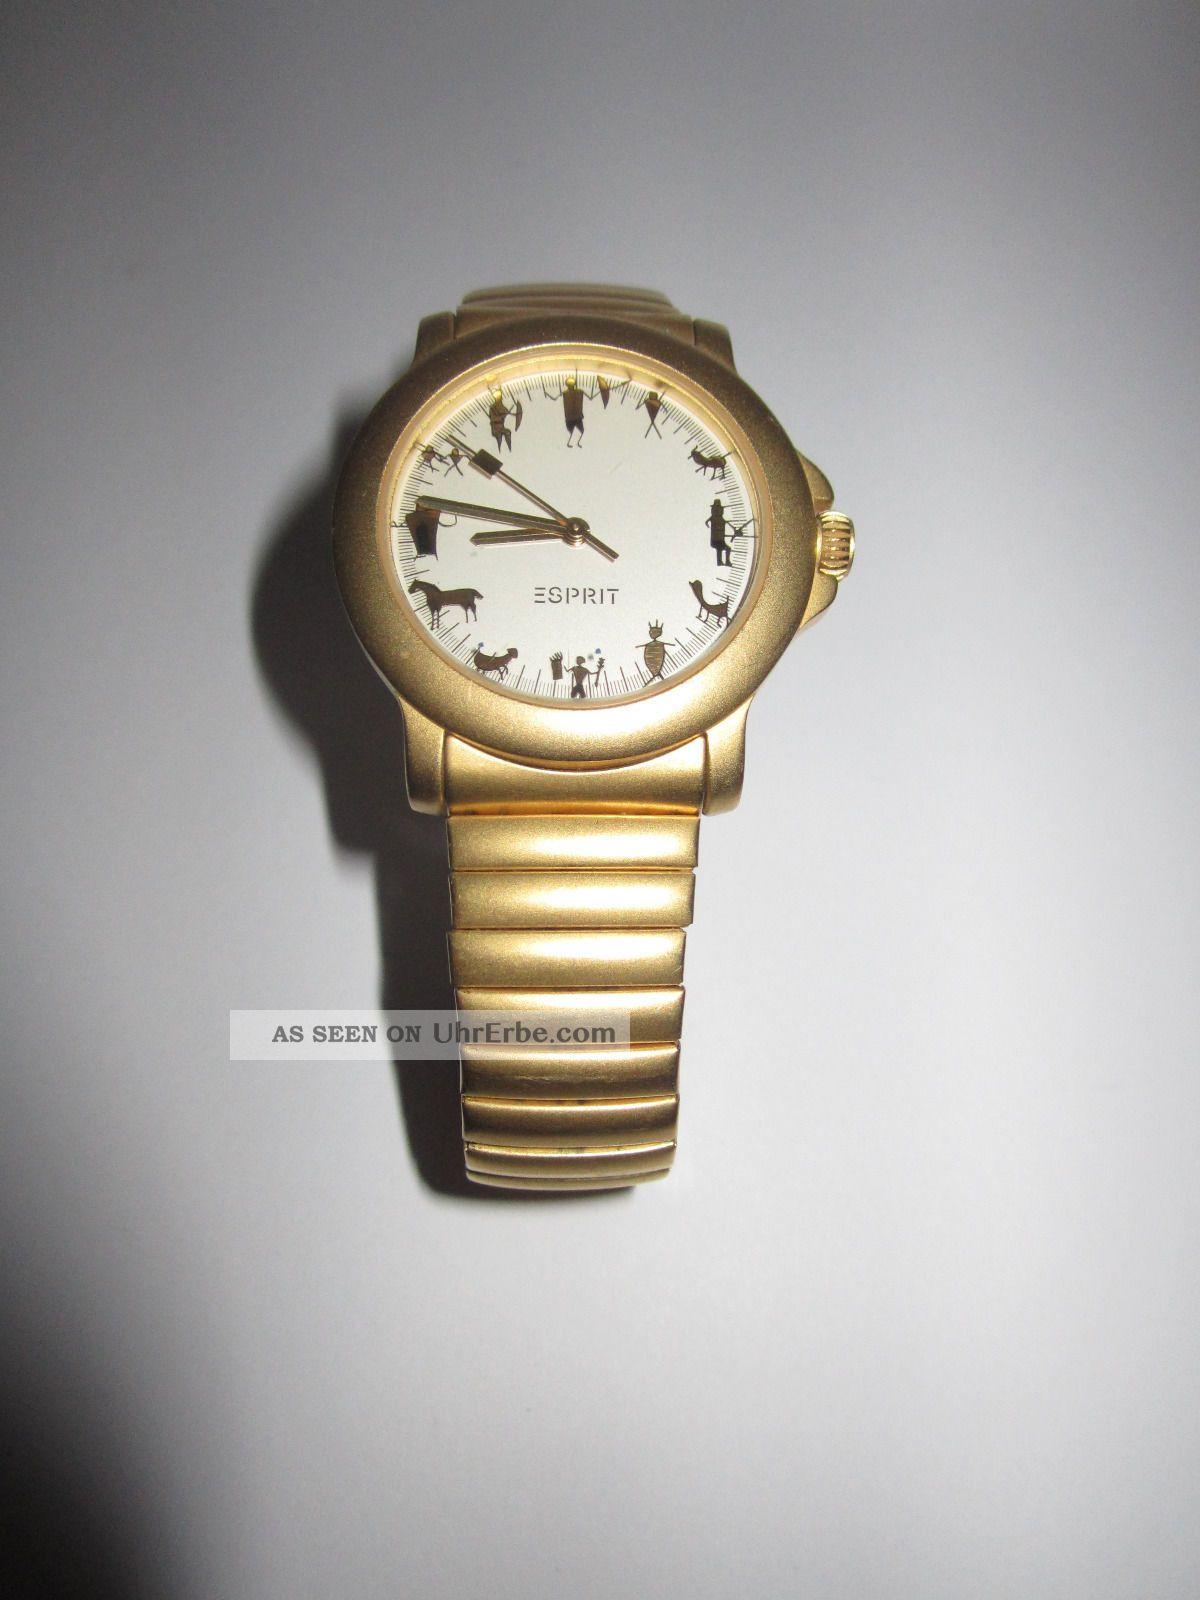 Uhr Esprit Armband Vario Damenuhr Metall Gold Sternzeichen Matt 34LqAjSc5R